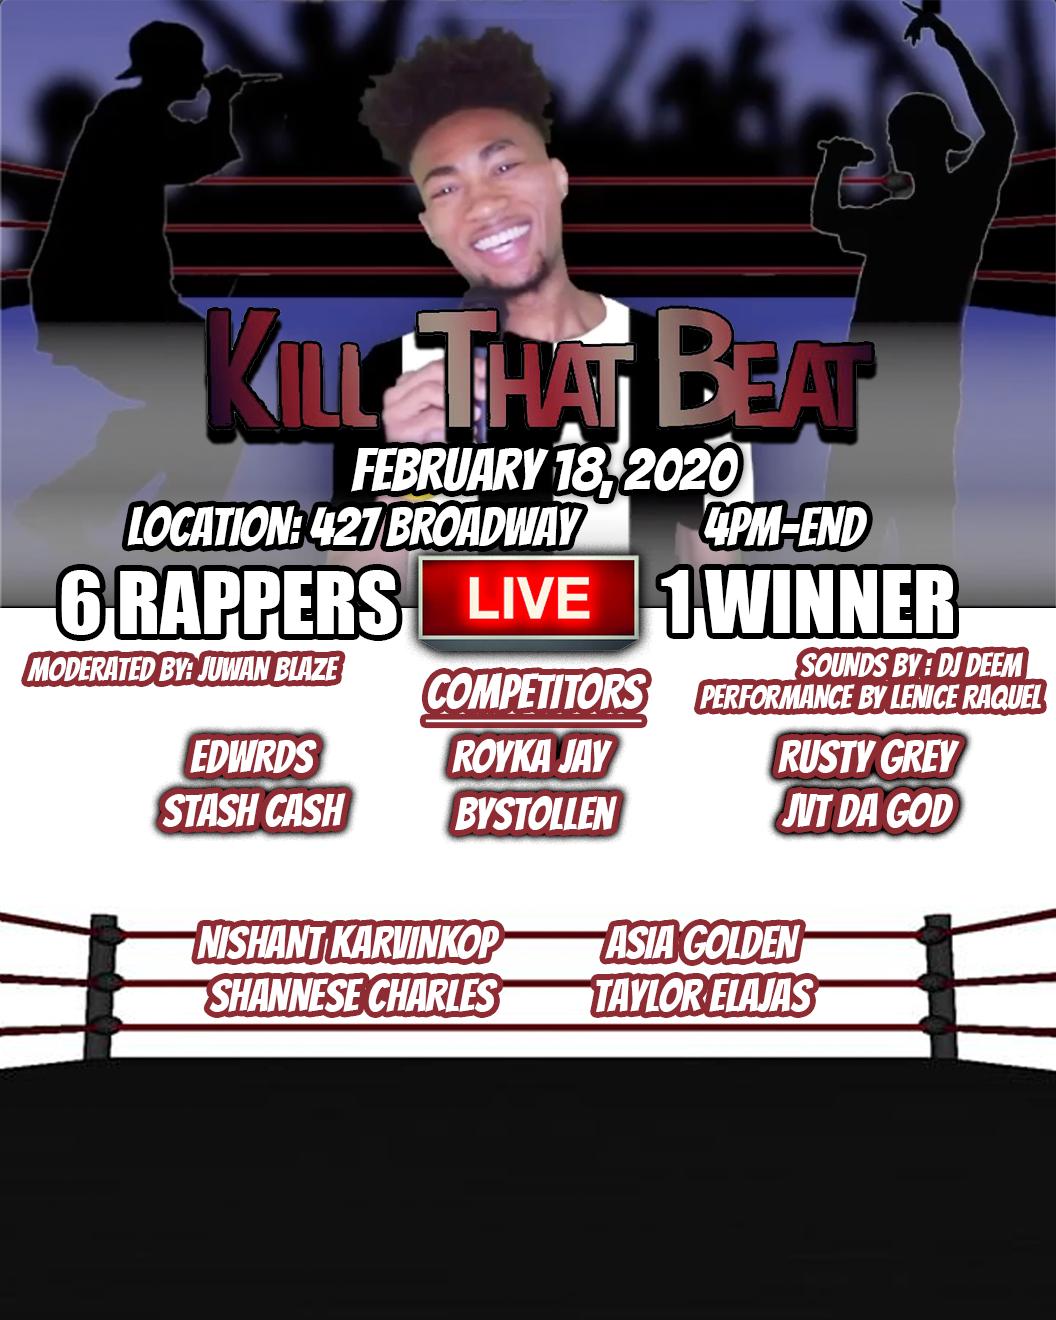 Kill that Beat LIVE!